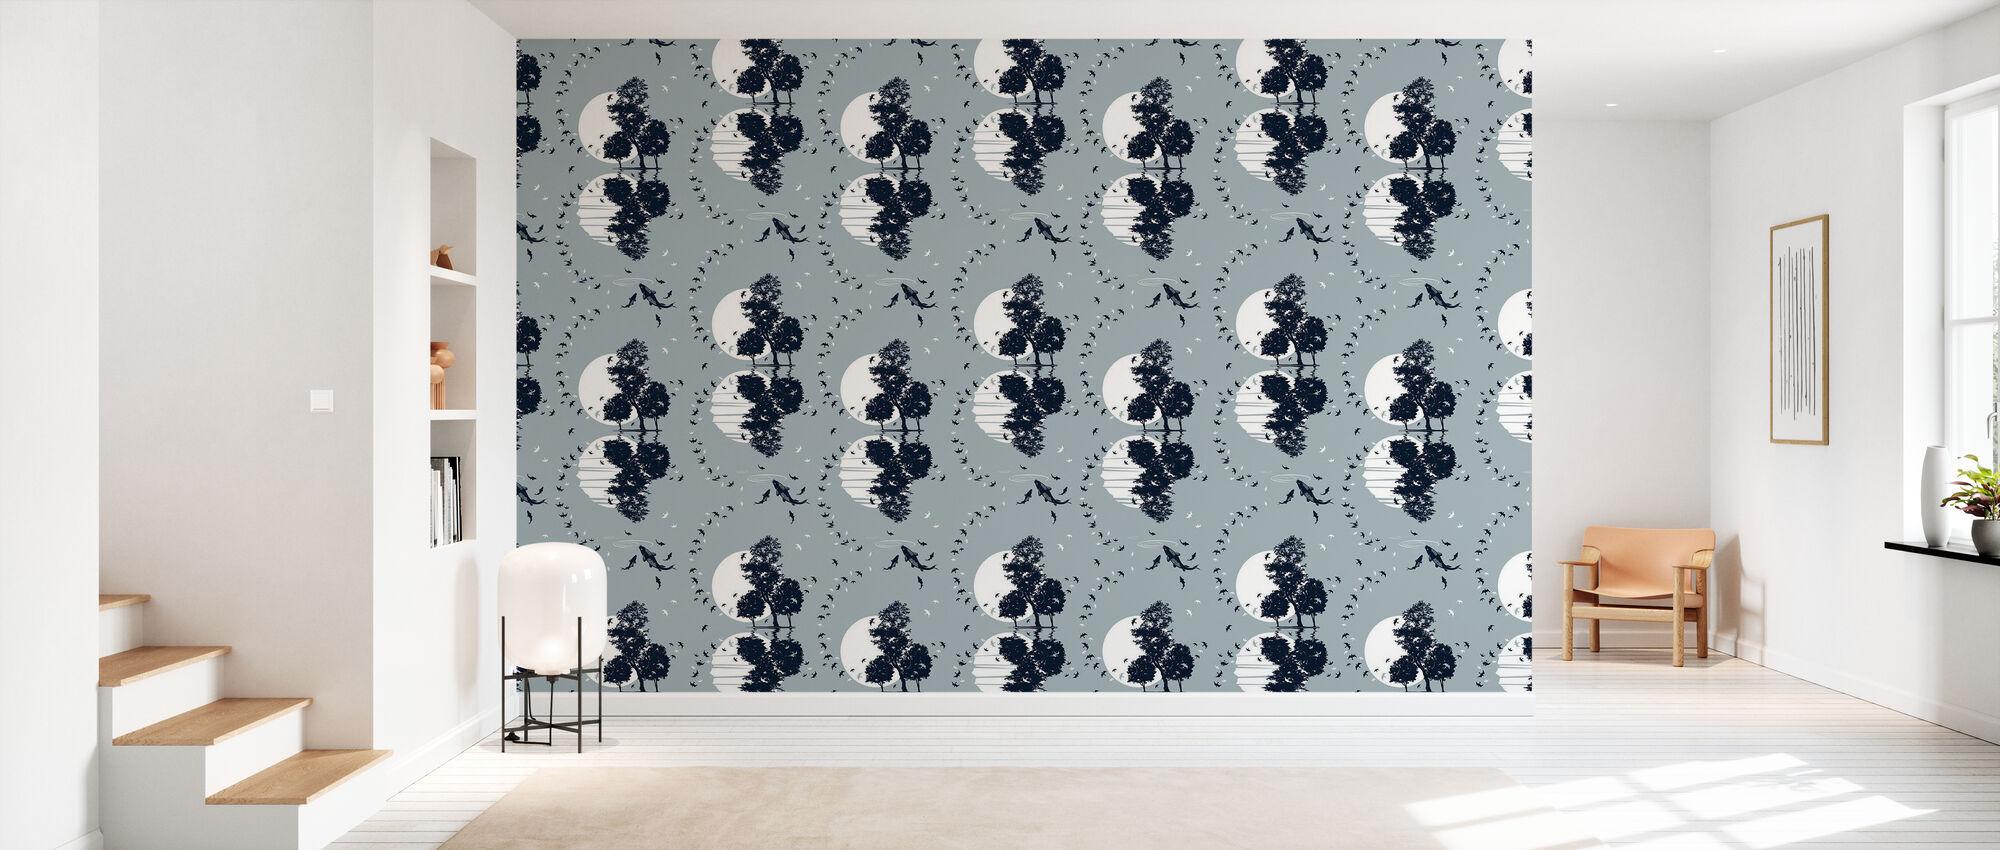 Hangzhou - Wallpaper - Hallway